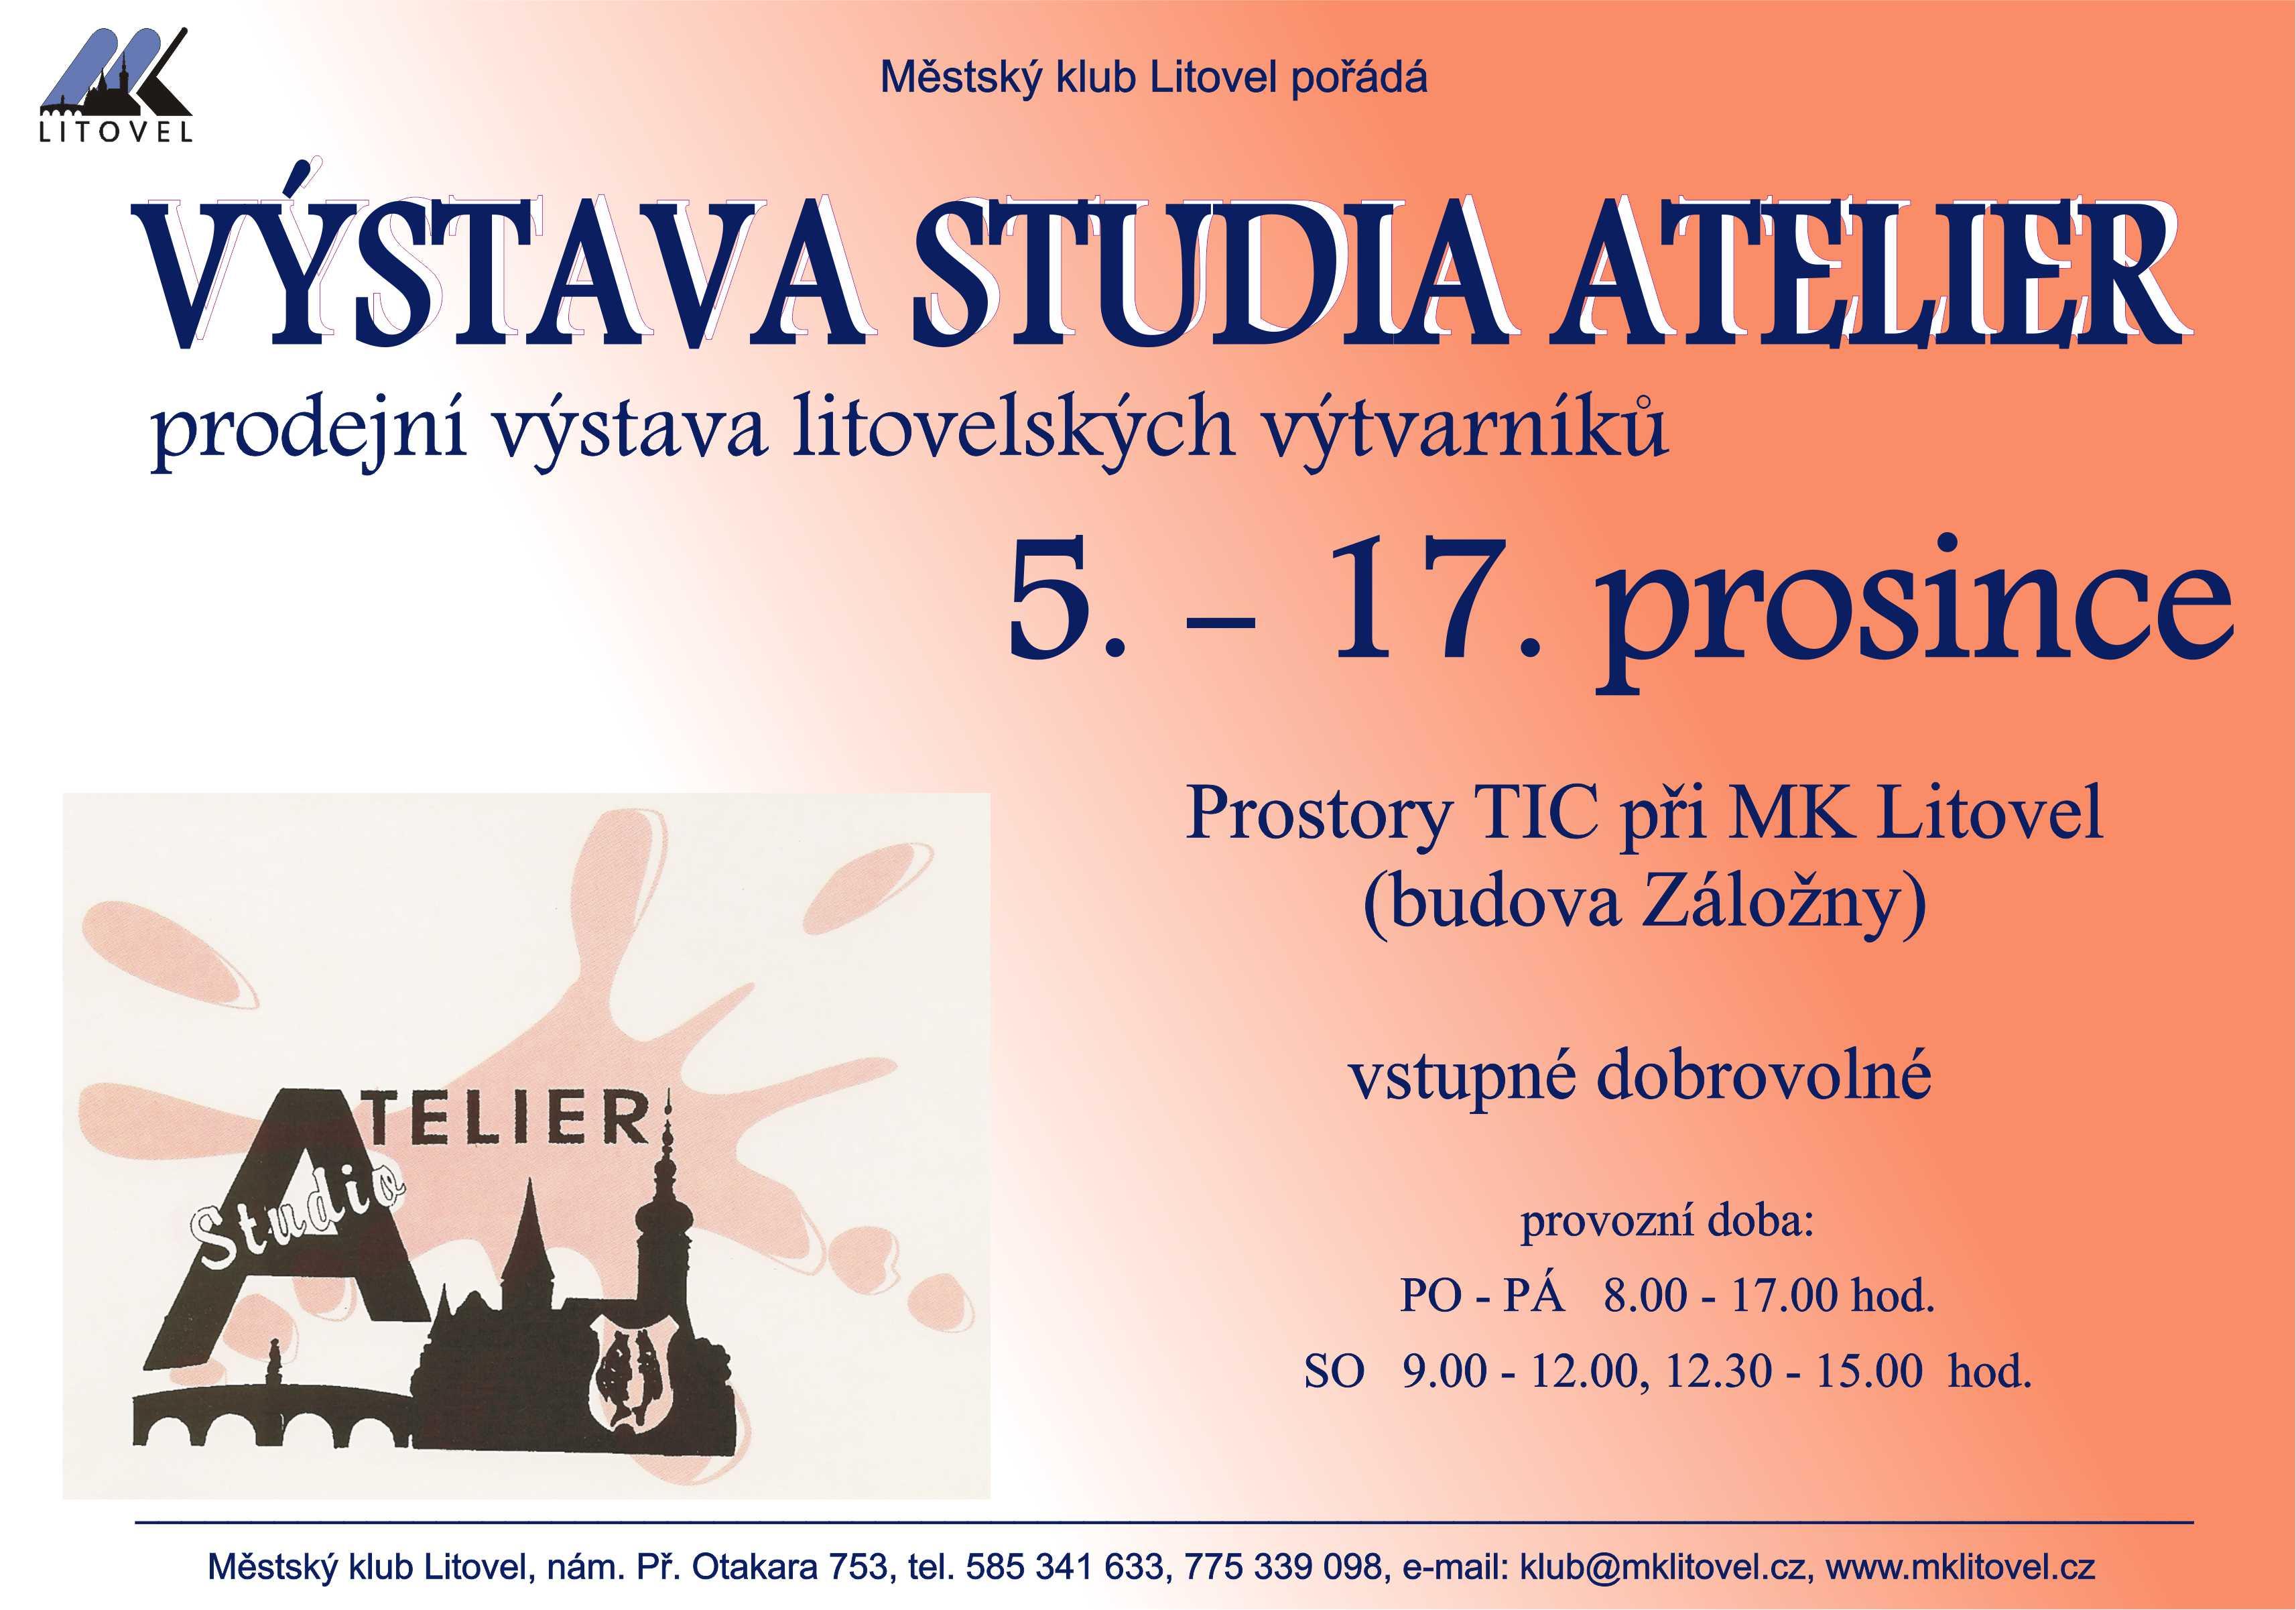 vystava studia Atelier, obrázek se otevře v novém okně